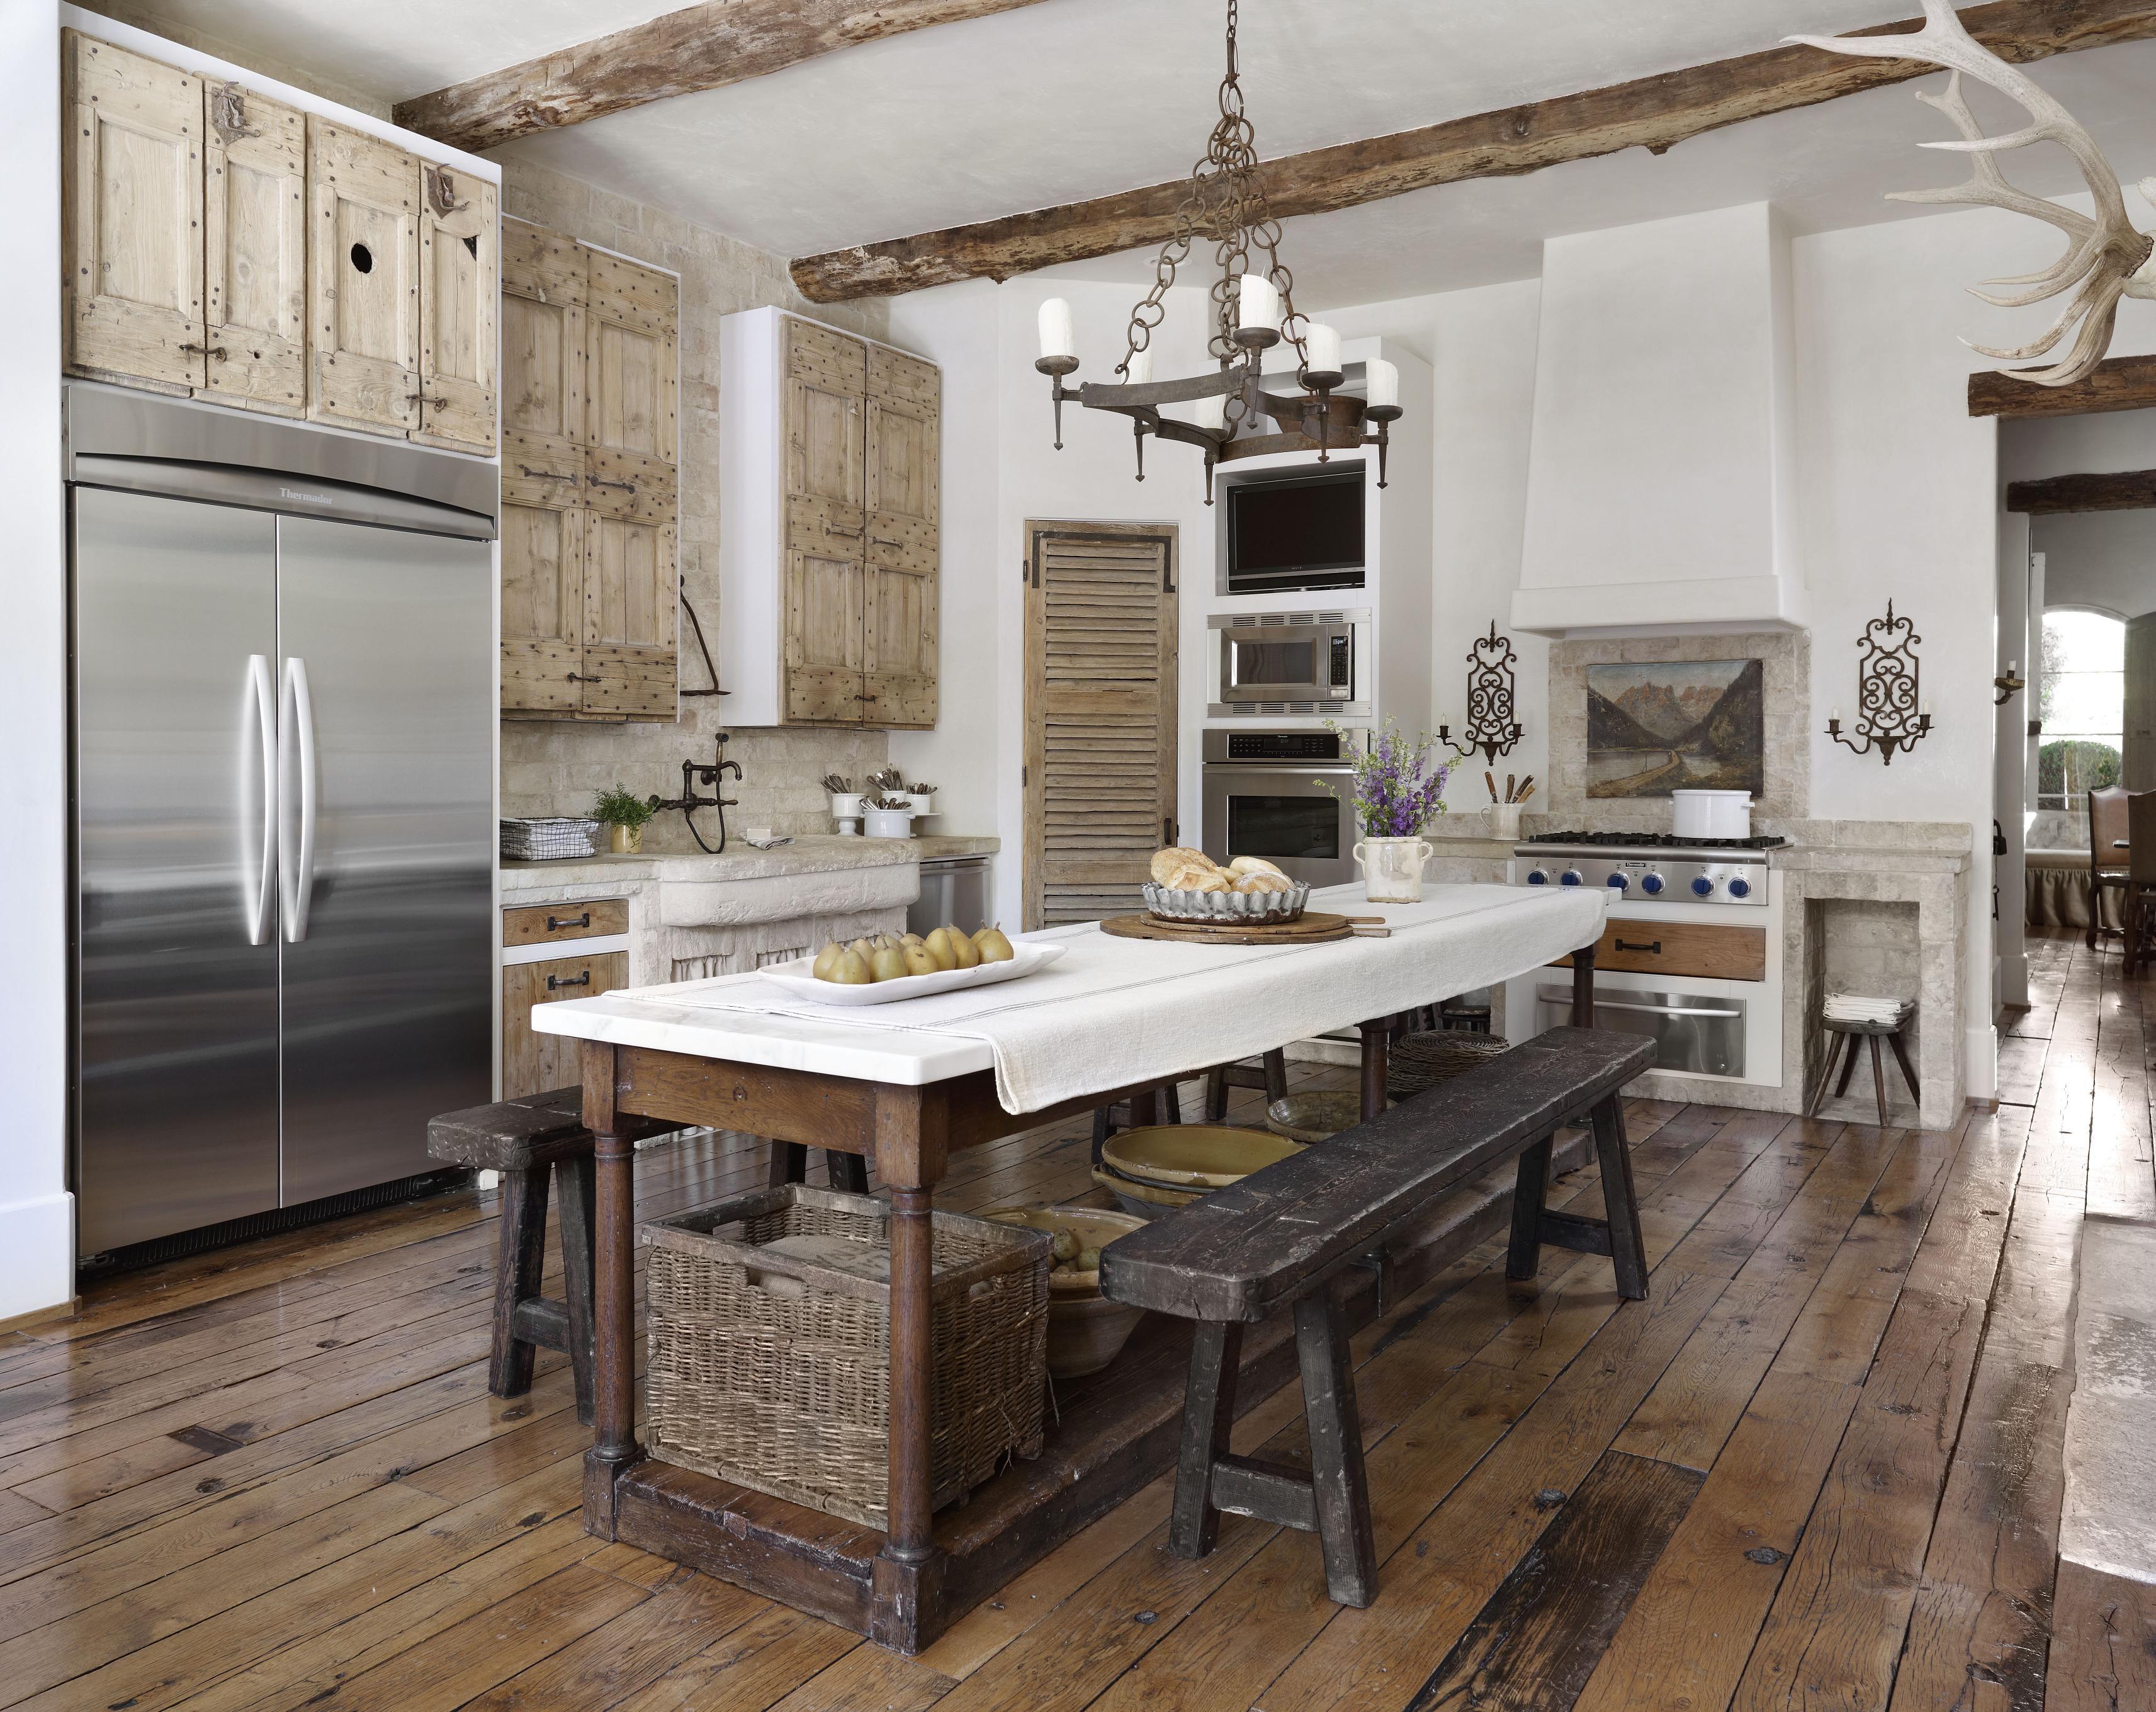 Country French Kitchens | Cocina de campo, Decoración francesa y ...